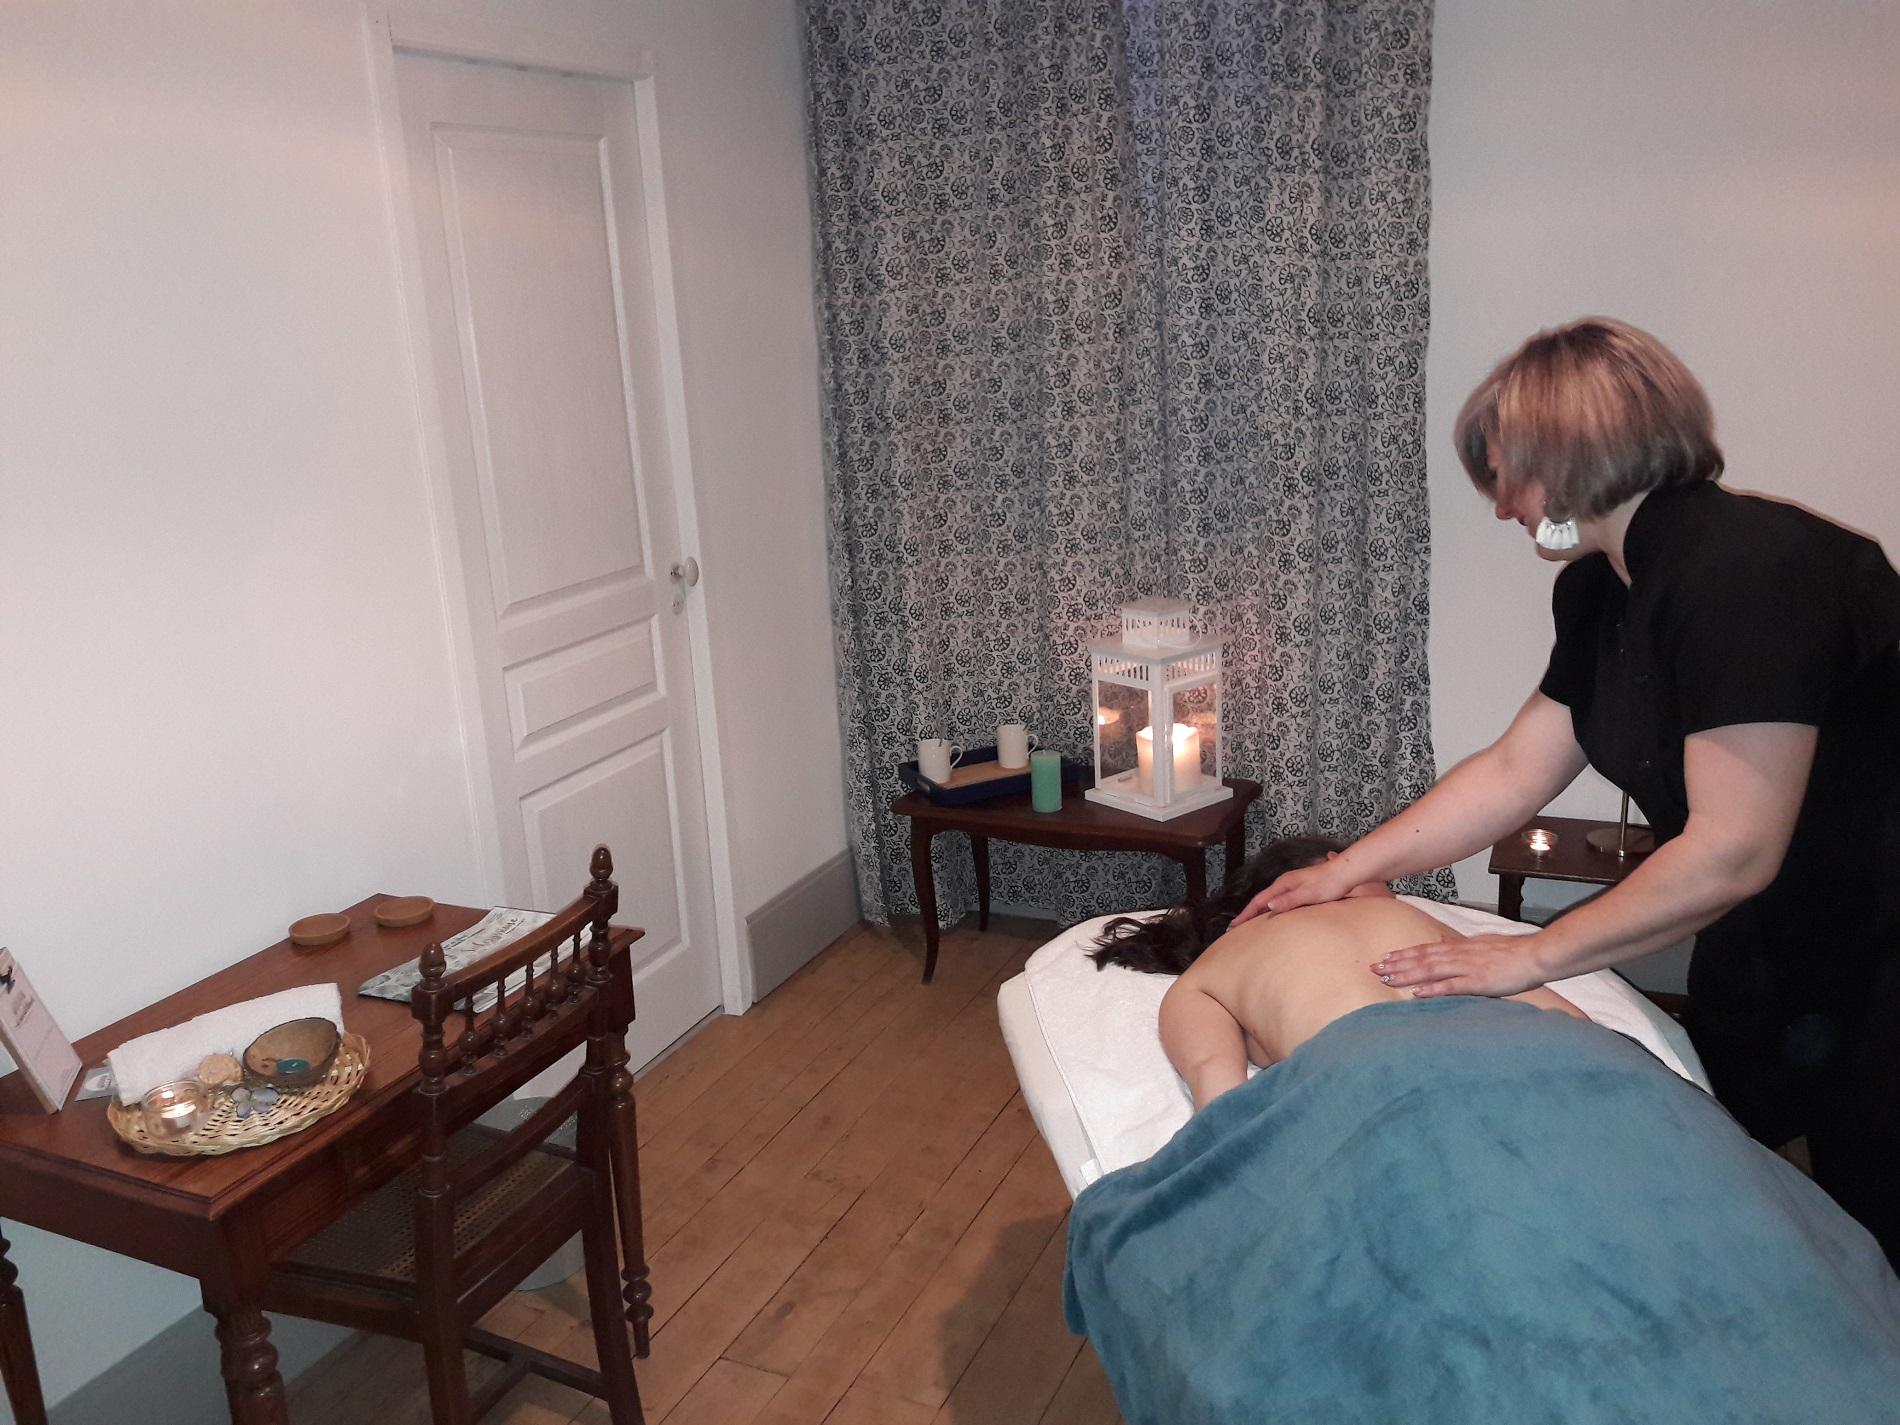 Galerie photo chambres d 39 hotes au coeur des elements - Chambre d hote massage tantrique ...